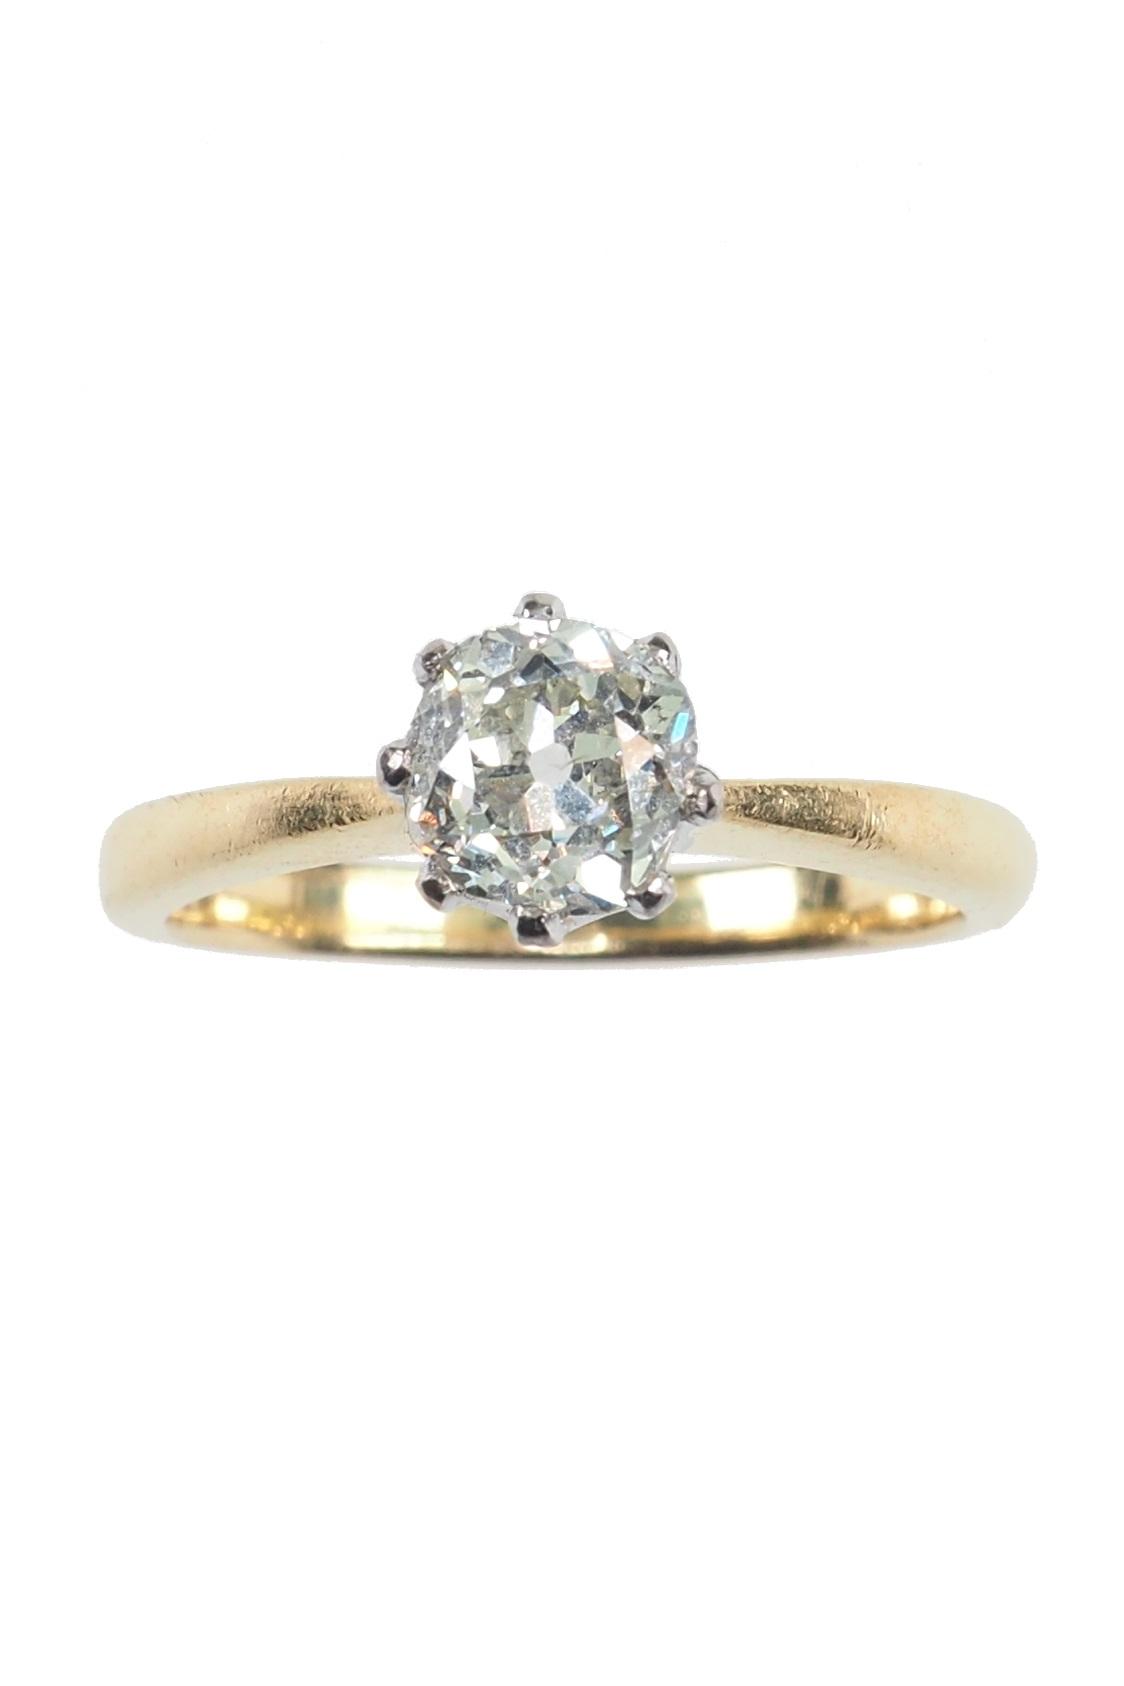 Verlobungsringe-online-kaufen-2592